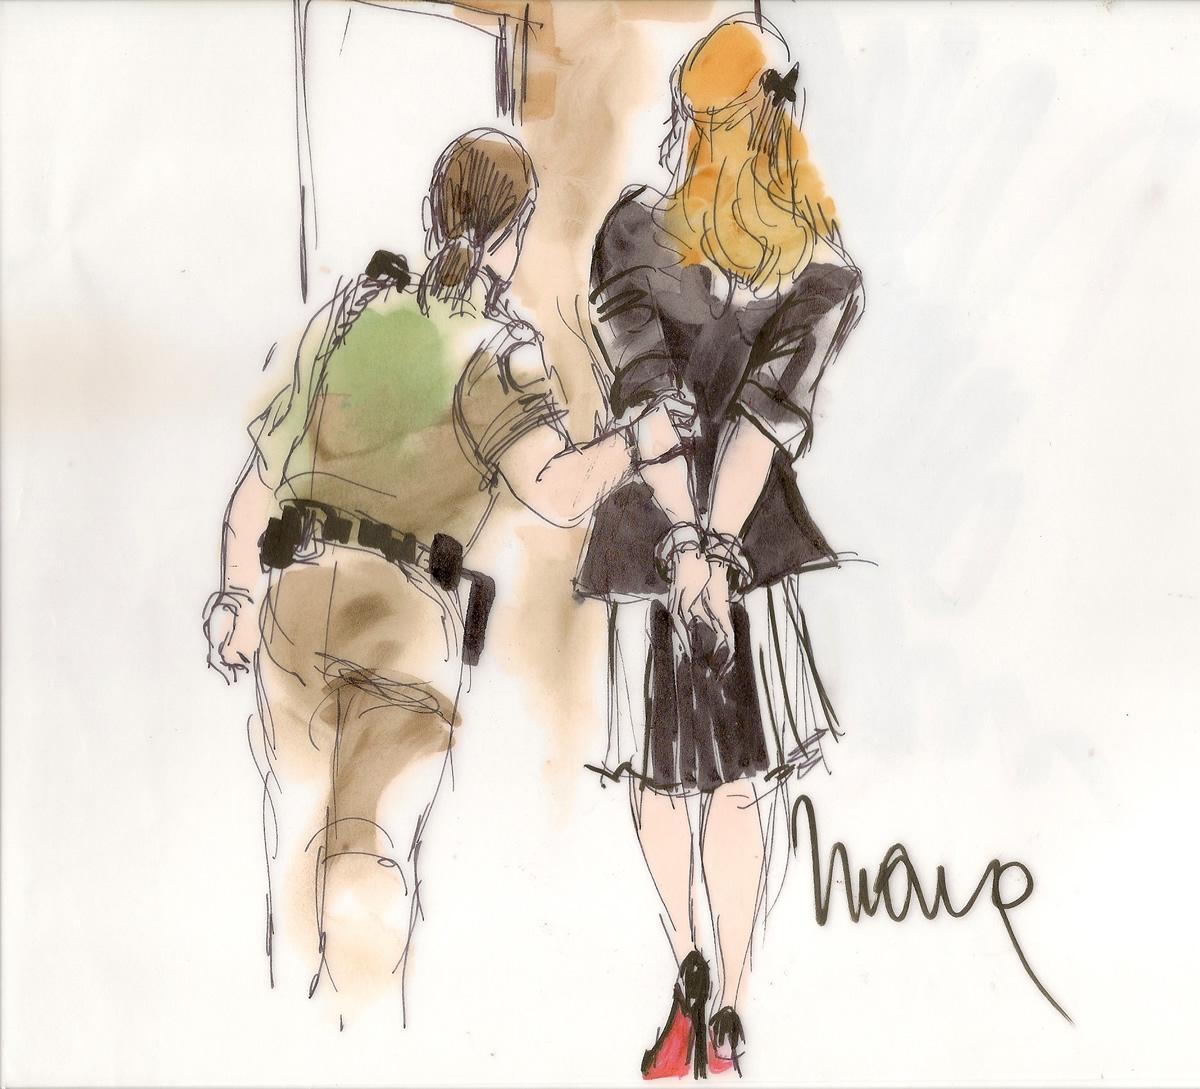 Lindsay Lohan Drunk Driving Courtroom Illustration, Louboutin